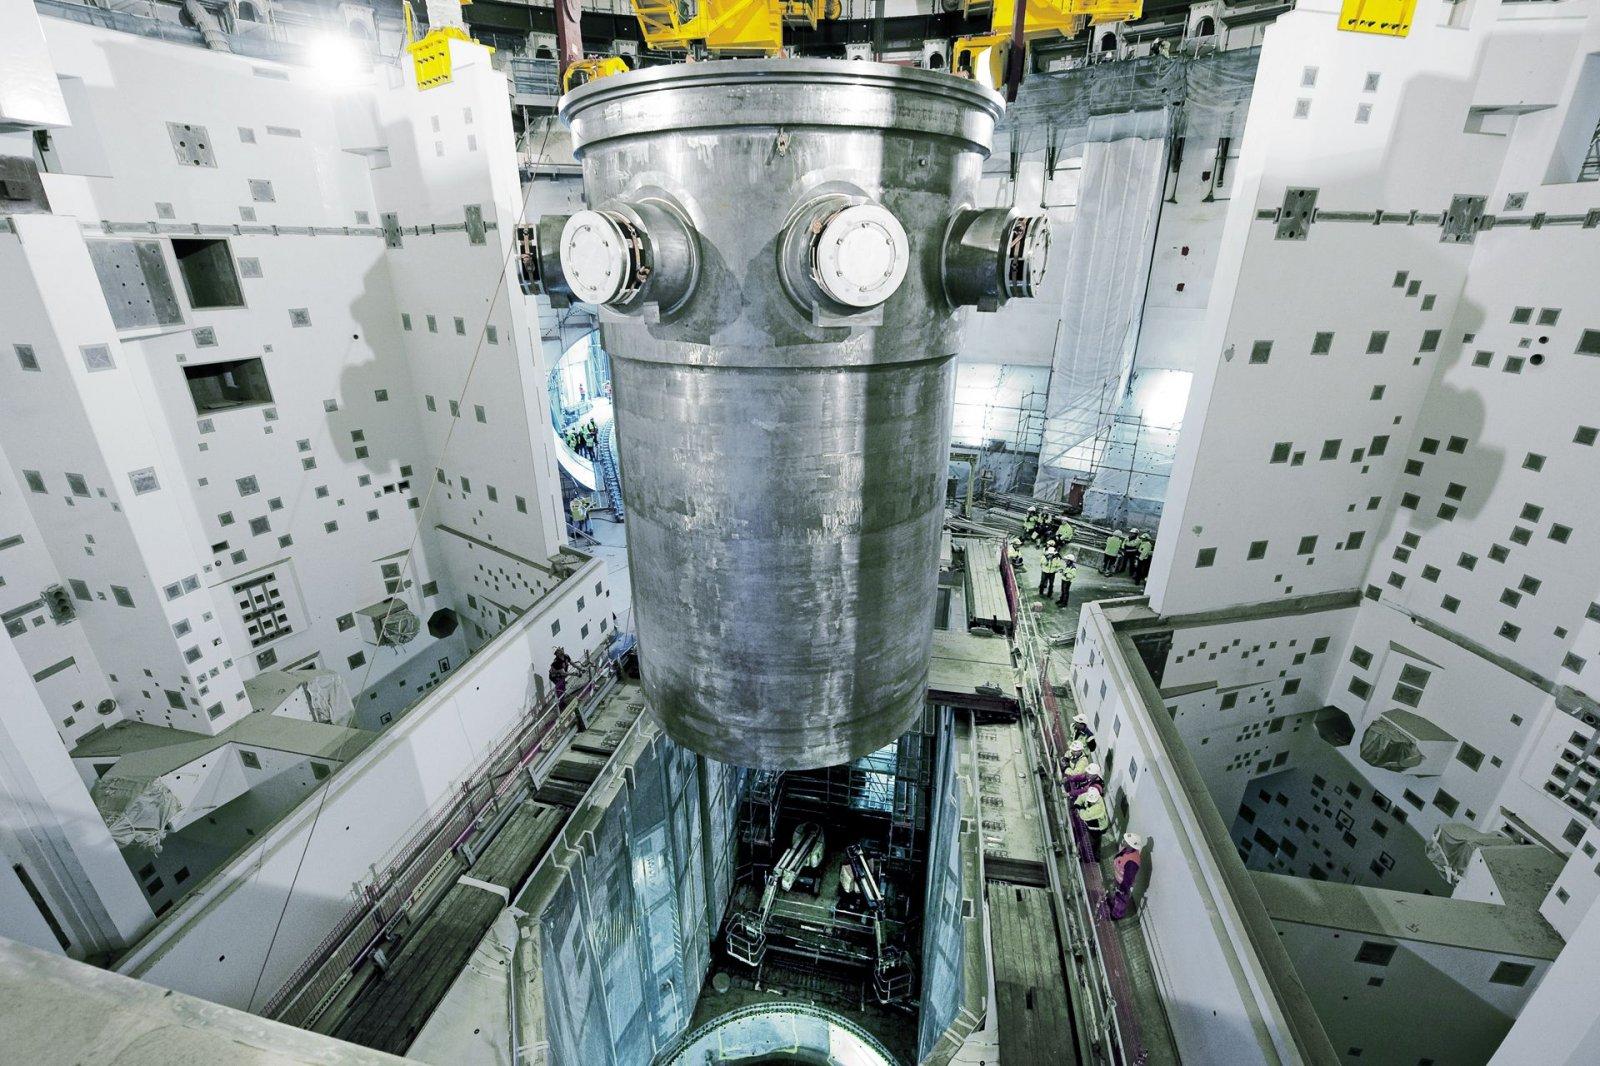 Разработка «Росэлектроники» позволит обнаружить дефекты в оборудовании для атомной энергетики